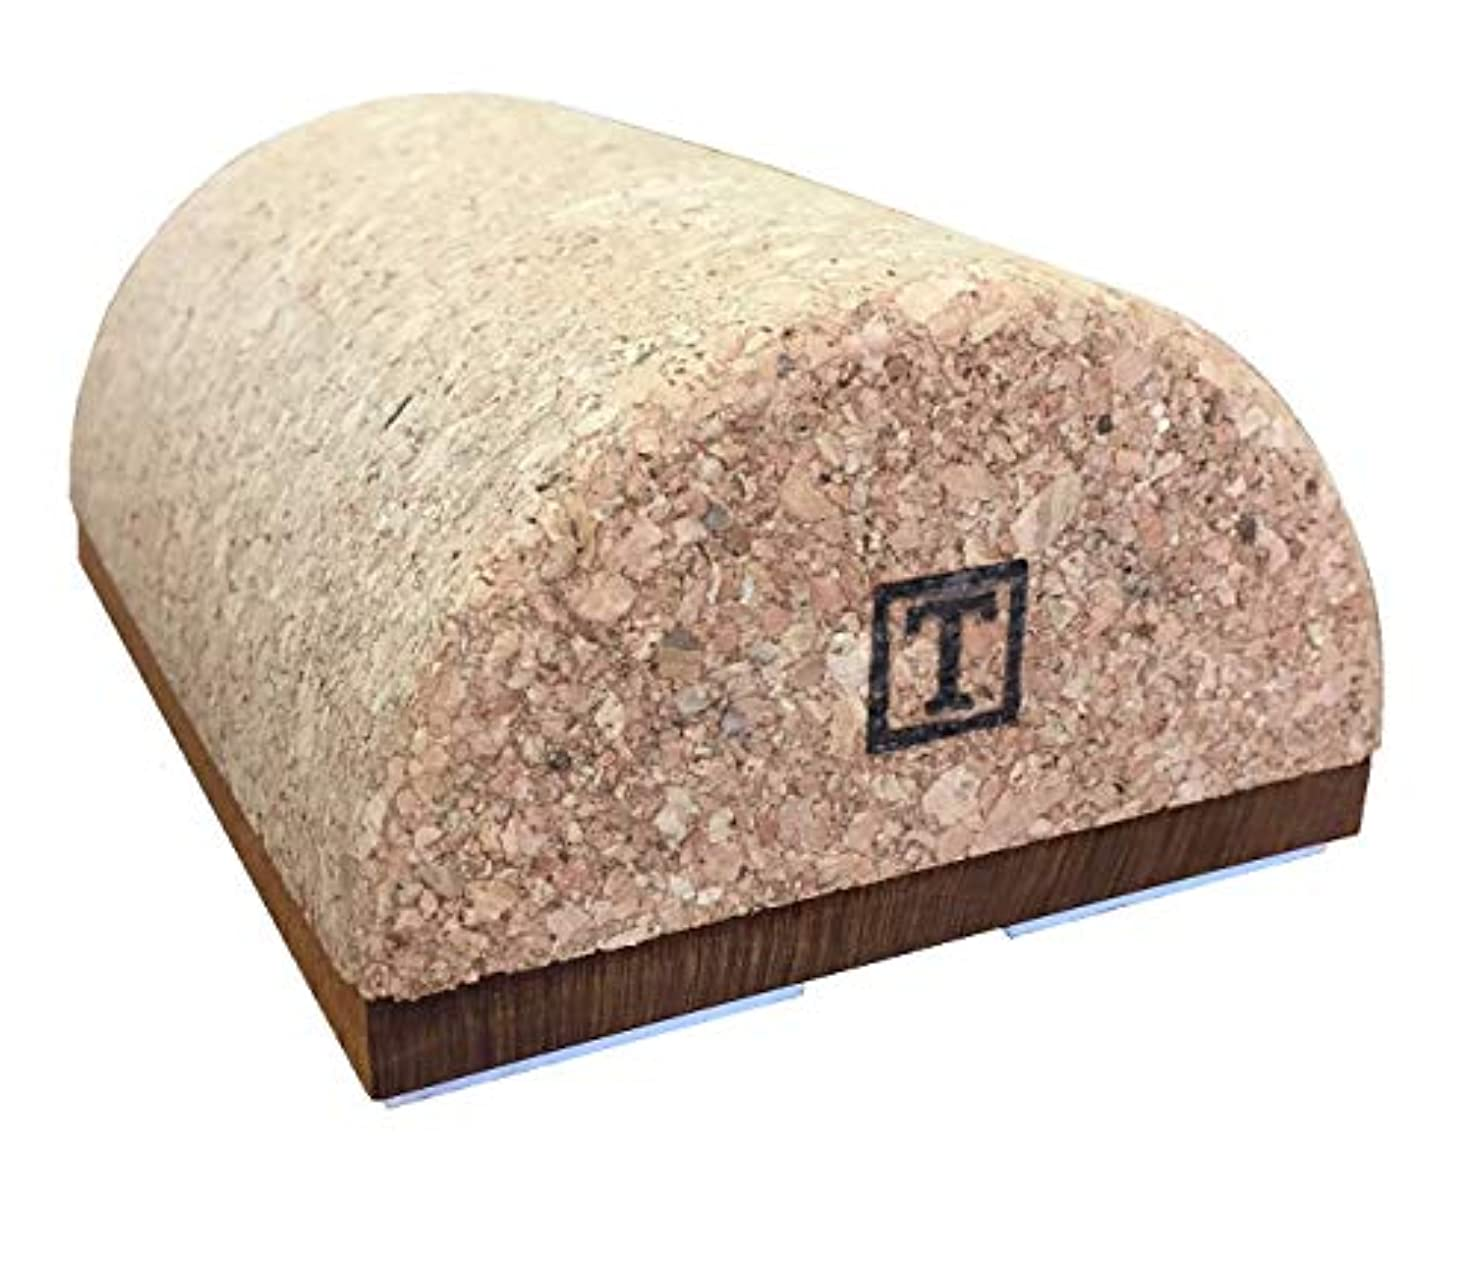 同様の延期するしなやかオフィスタケノコ 揉みの木シリーズ マルチタイプ -腰 肩甲骨周辺 わき 骨盤 殿筋 ふくらはぎなどのコリや疲労に-